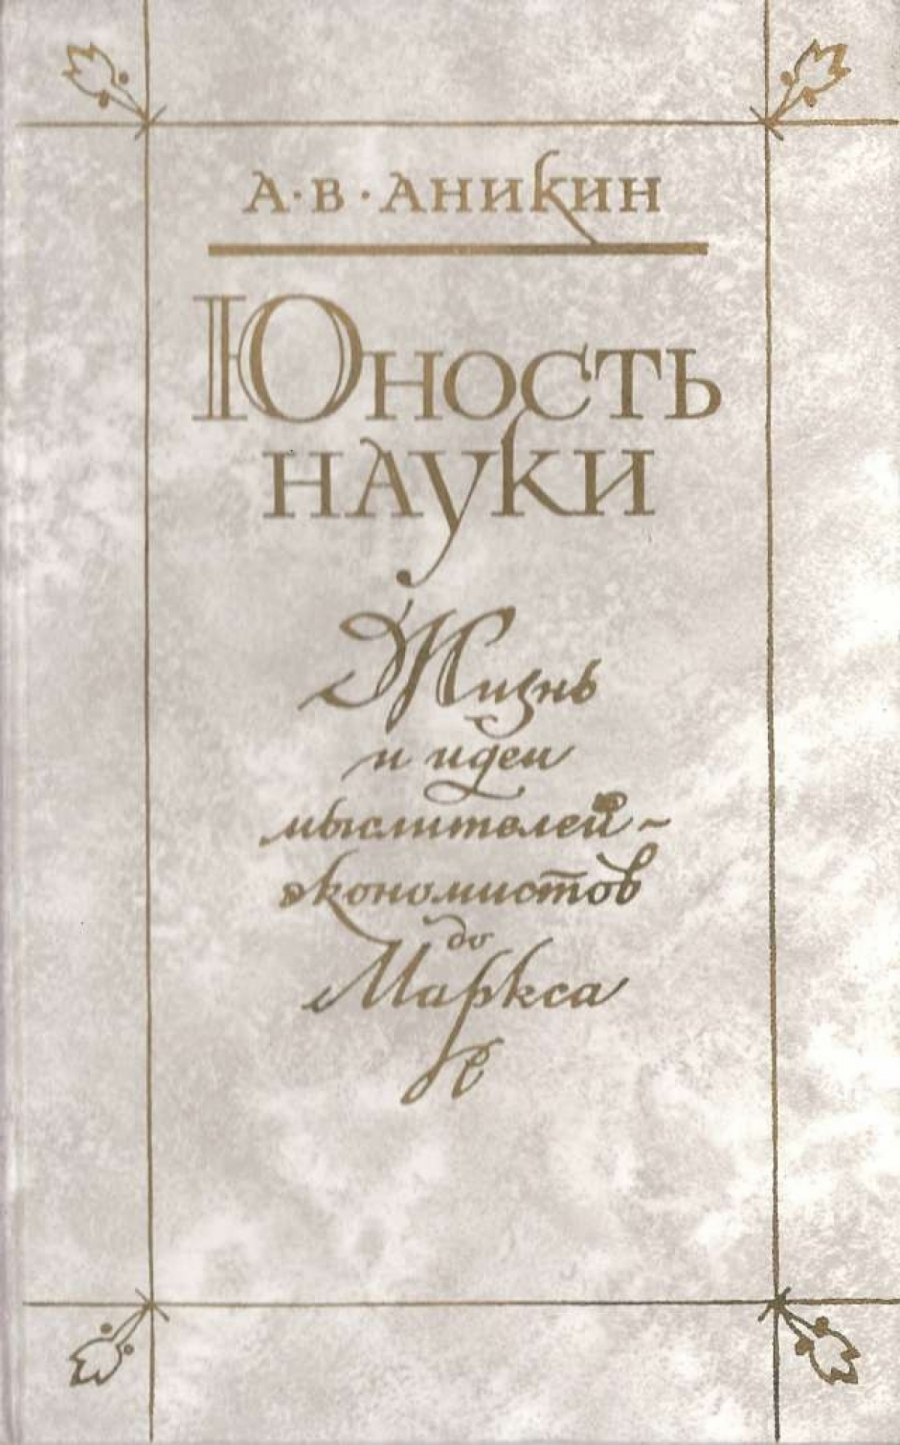 Обложка книги:  аникин а.в. - юность науки. жизнь и идеи мыслителей-экономистов до маркса (изд. 2-е)